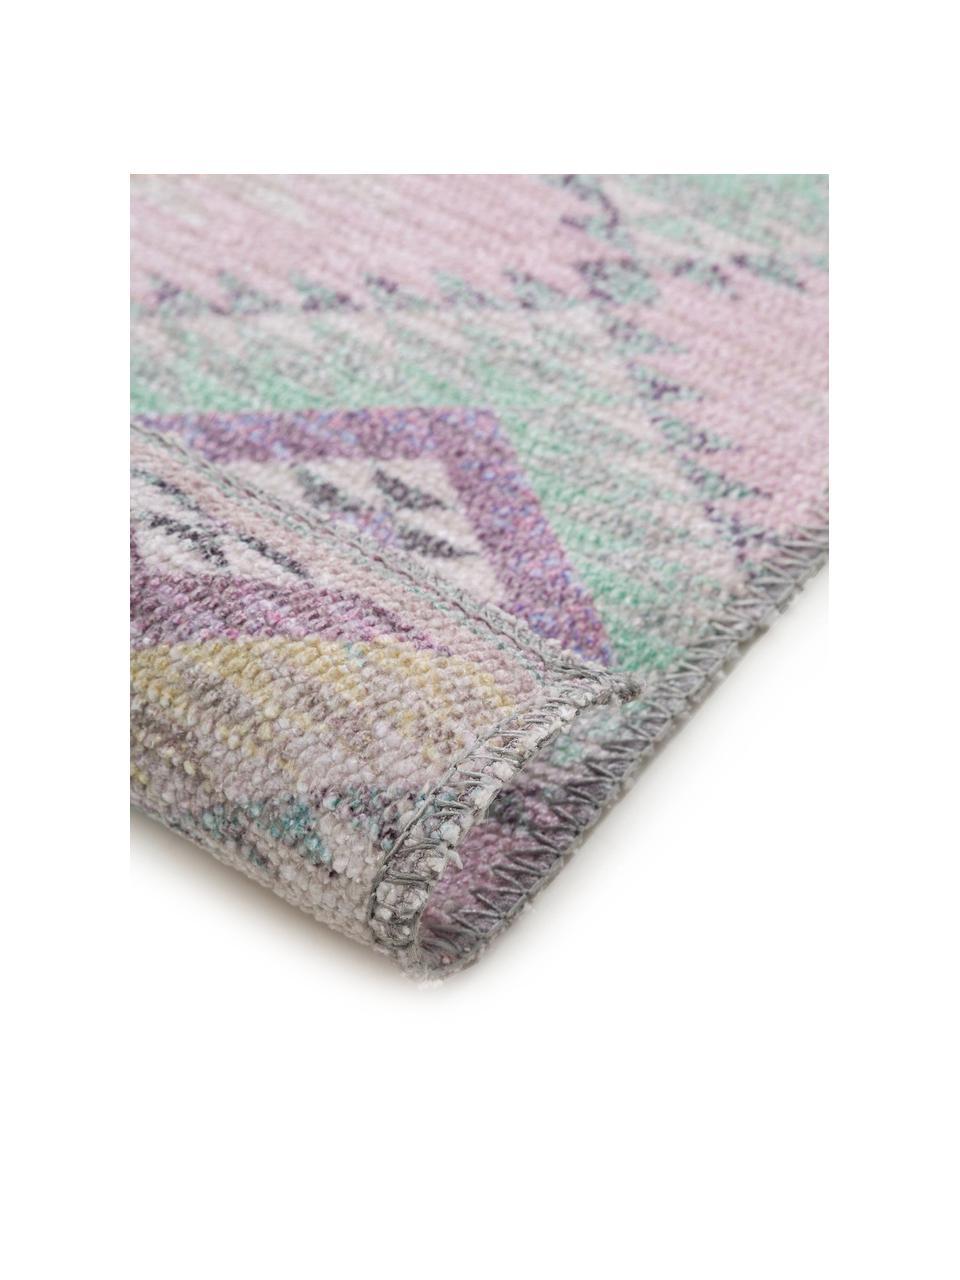 Passatoia Kilim etnica Ana, 80% poliestere 20% cotone, Rosa, multicolore, Larg. 75 x Lung. 230 cm